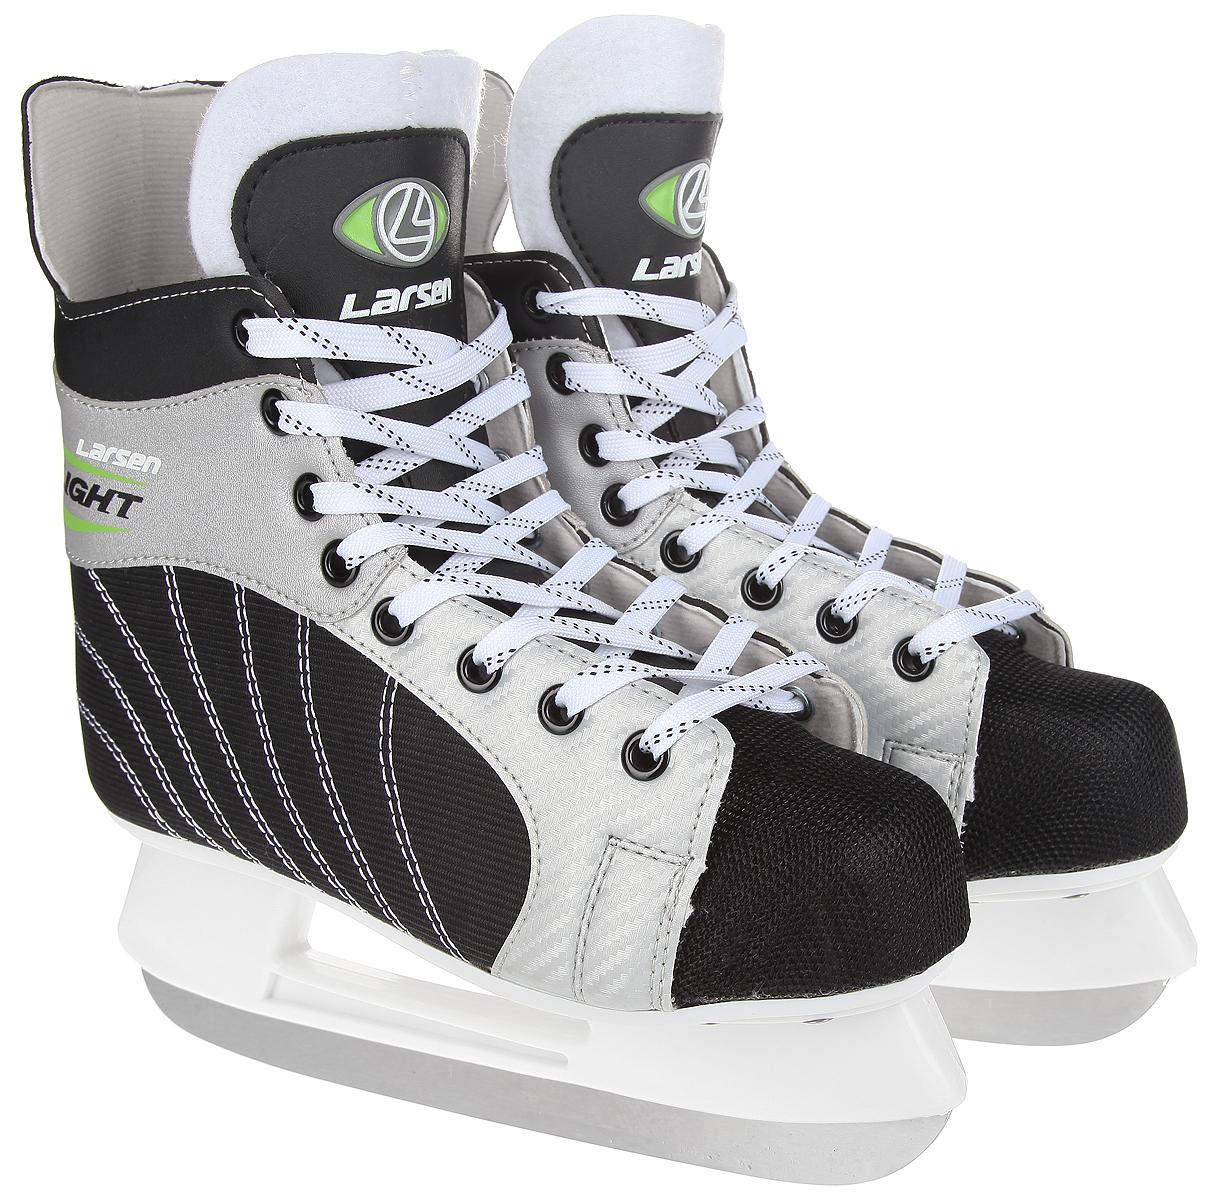 Коньки хоккейные мужские Larsen Light, цвет: черный, серебристый, белый. Размер 43LightСтильные коньки Light от Larsen прекрасно подойдут для начинающих игроков в хоккей. Ботиноквыполнен из нейлона со вставками из морозоустойчивого поливинилхлорида. Мыс выполнен изполипропилена, покрытого сетчатым нейлоном, который защитит ноги от ударов. Внутреннийслой изготовлен из материала Cambrelle, который обладает высокой гигроскопичностью ивоздухопроницаемостью, имеет высокую степень устойчивости к истиранию, приятен на ощупь,быстро высыхает. Язычок из войлока обеспечивает дополнительное тепло. Плотная шнуровканадежно фиксирует модель на ноге. Голеностоп имеет удобный суппорт. Стелька из EVA стекстильной поверхностью обеспечит комфортное катание. Стойка выполнена изударопрочного пластика. Лезвие из нержавеющей стали обеспечит превосходное скольжение.В комплект входят пластиковые чехлы для лезвия. Рекомендуемая температураиспользования: до -20°C.